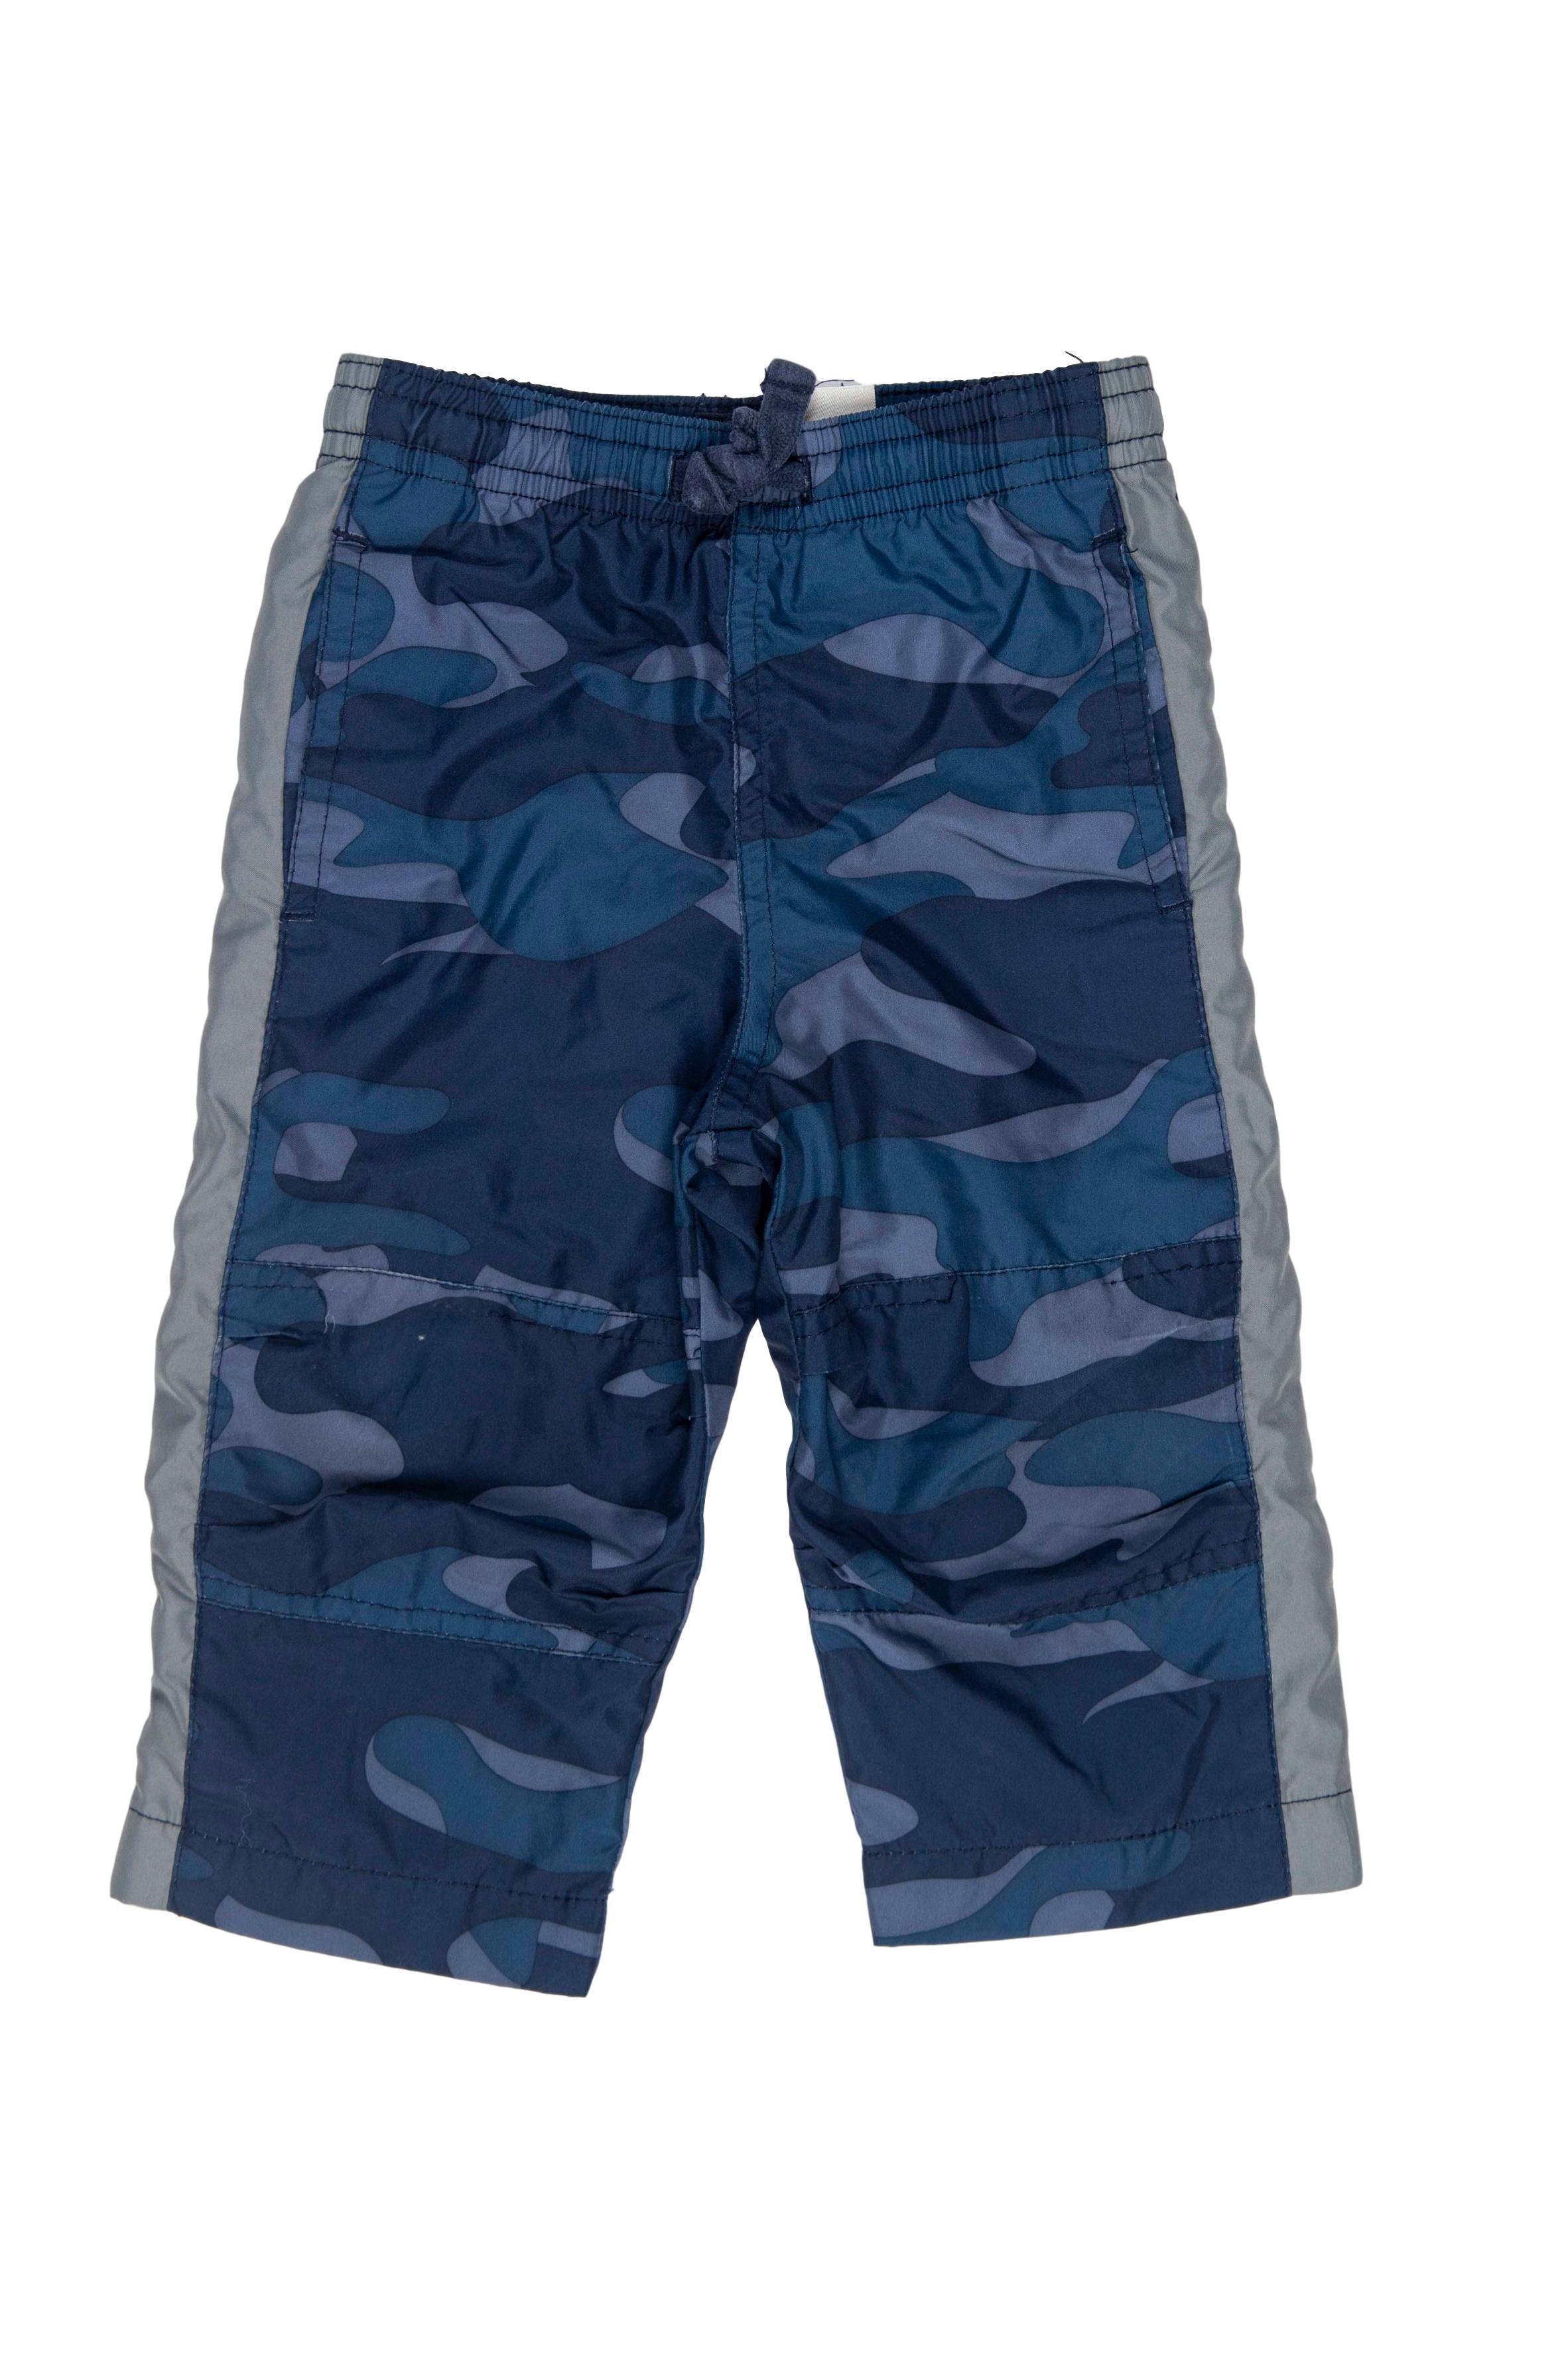 Pantalón buzo estampado camuflado en tonos azules, forrado - OshKosh